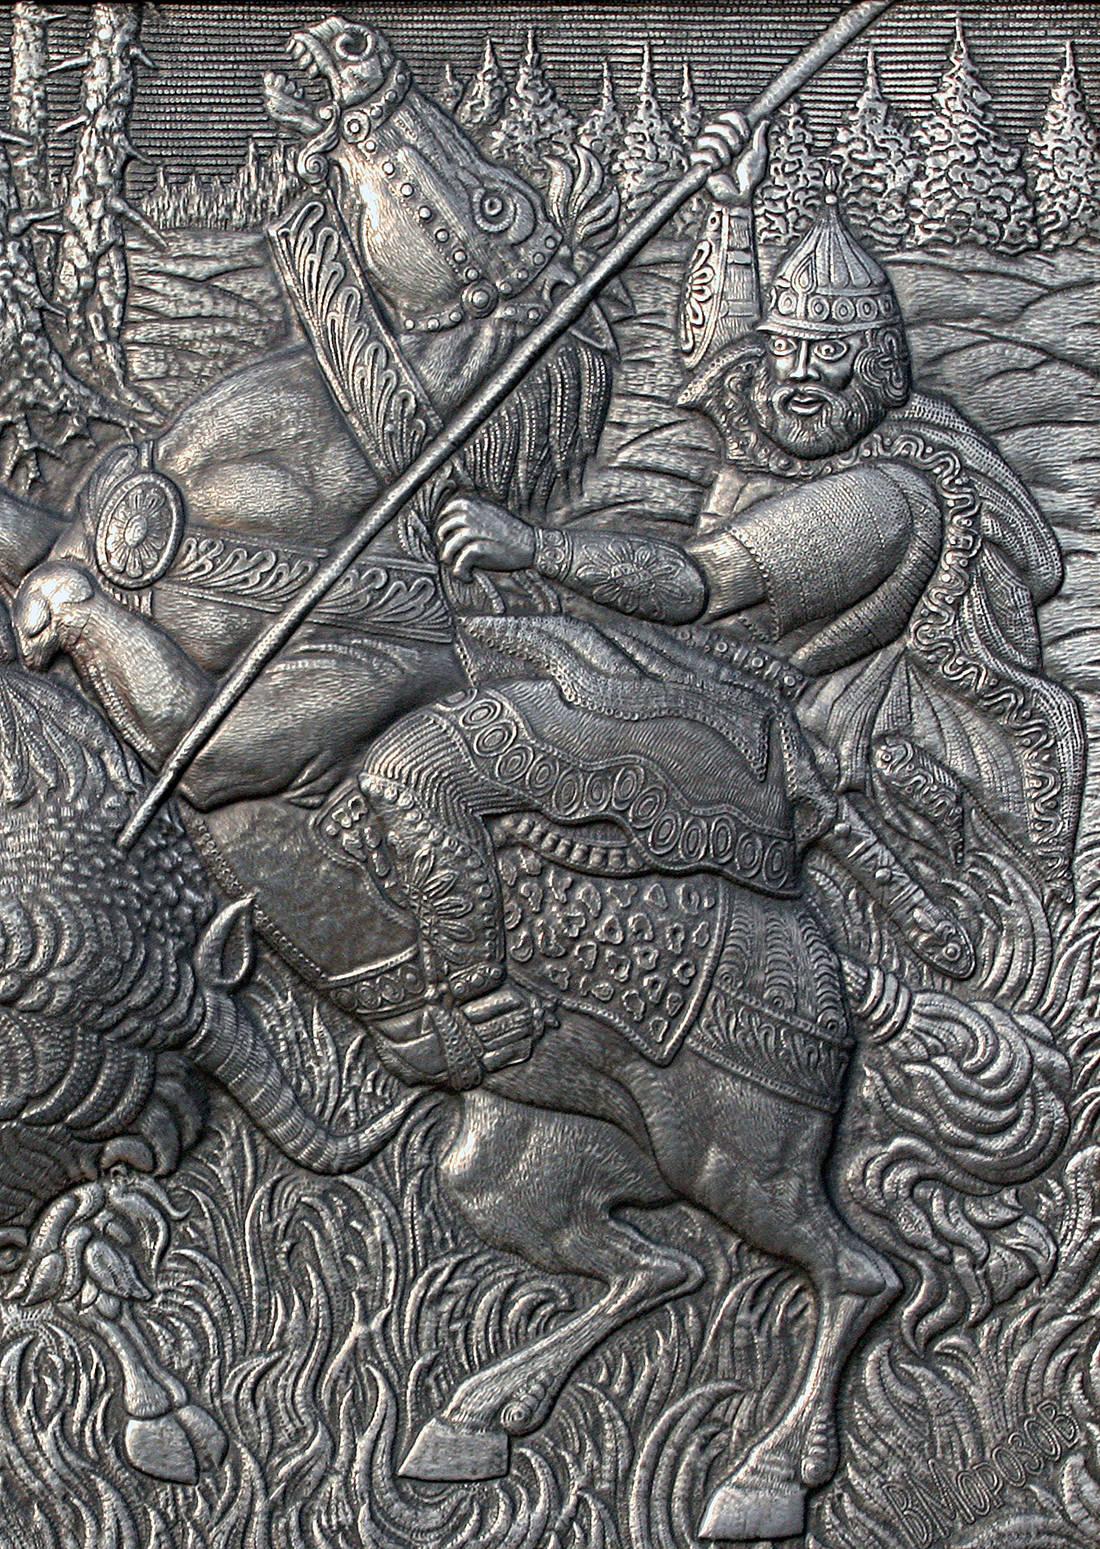 Охота на тура (фрагмент)